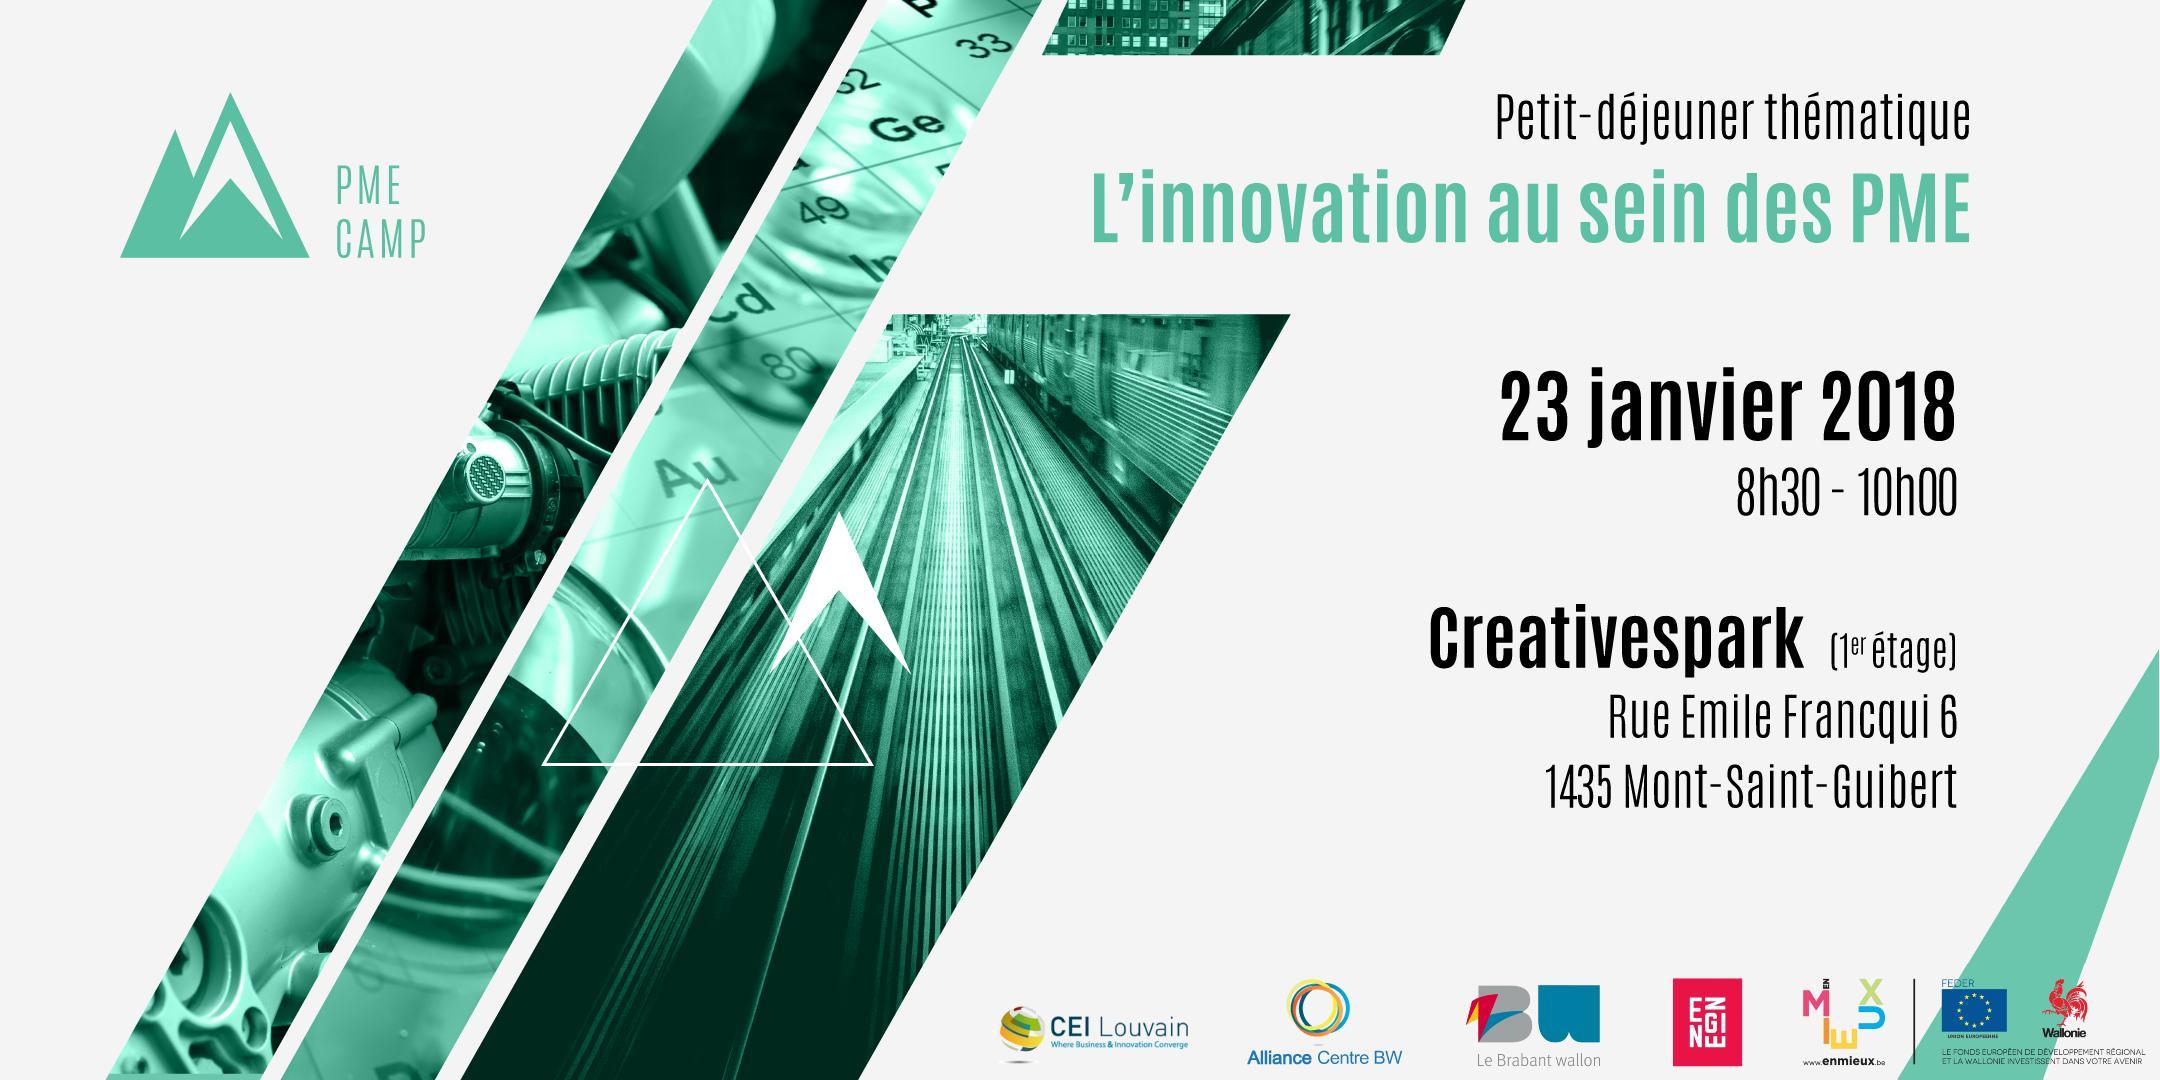 Petit-déjeuner découverte: L'innovation au sein des PME